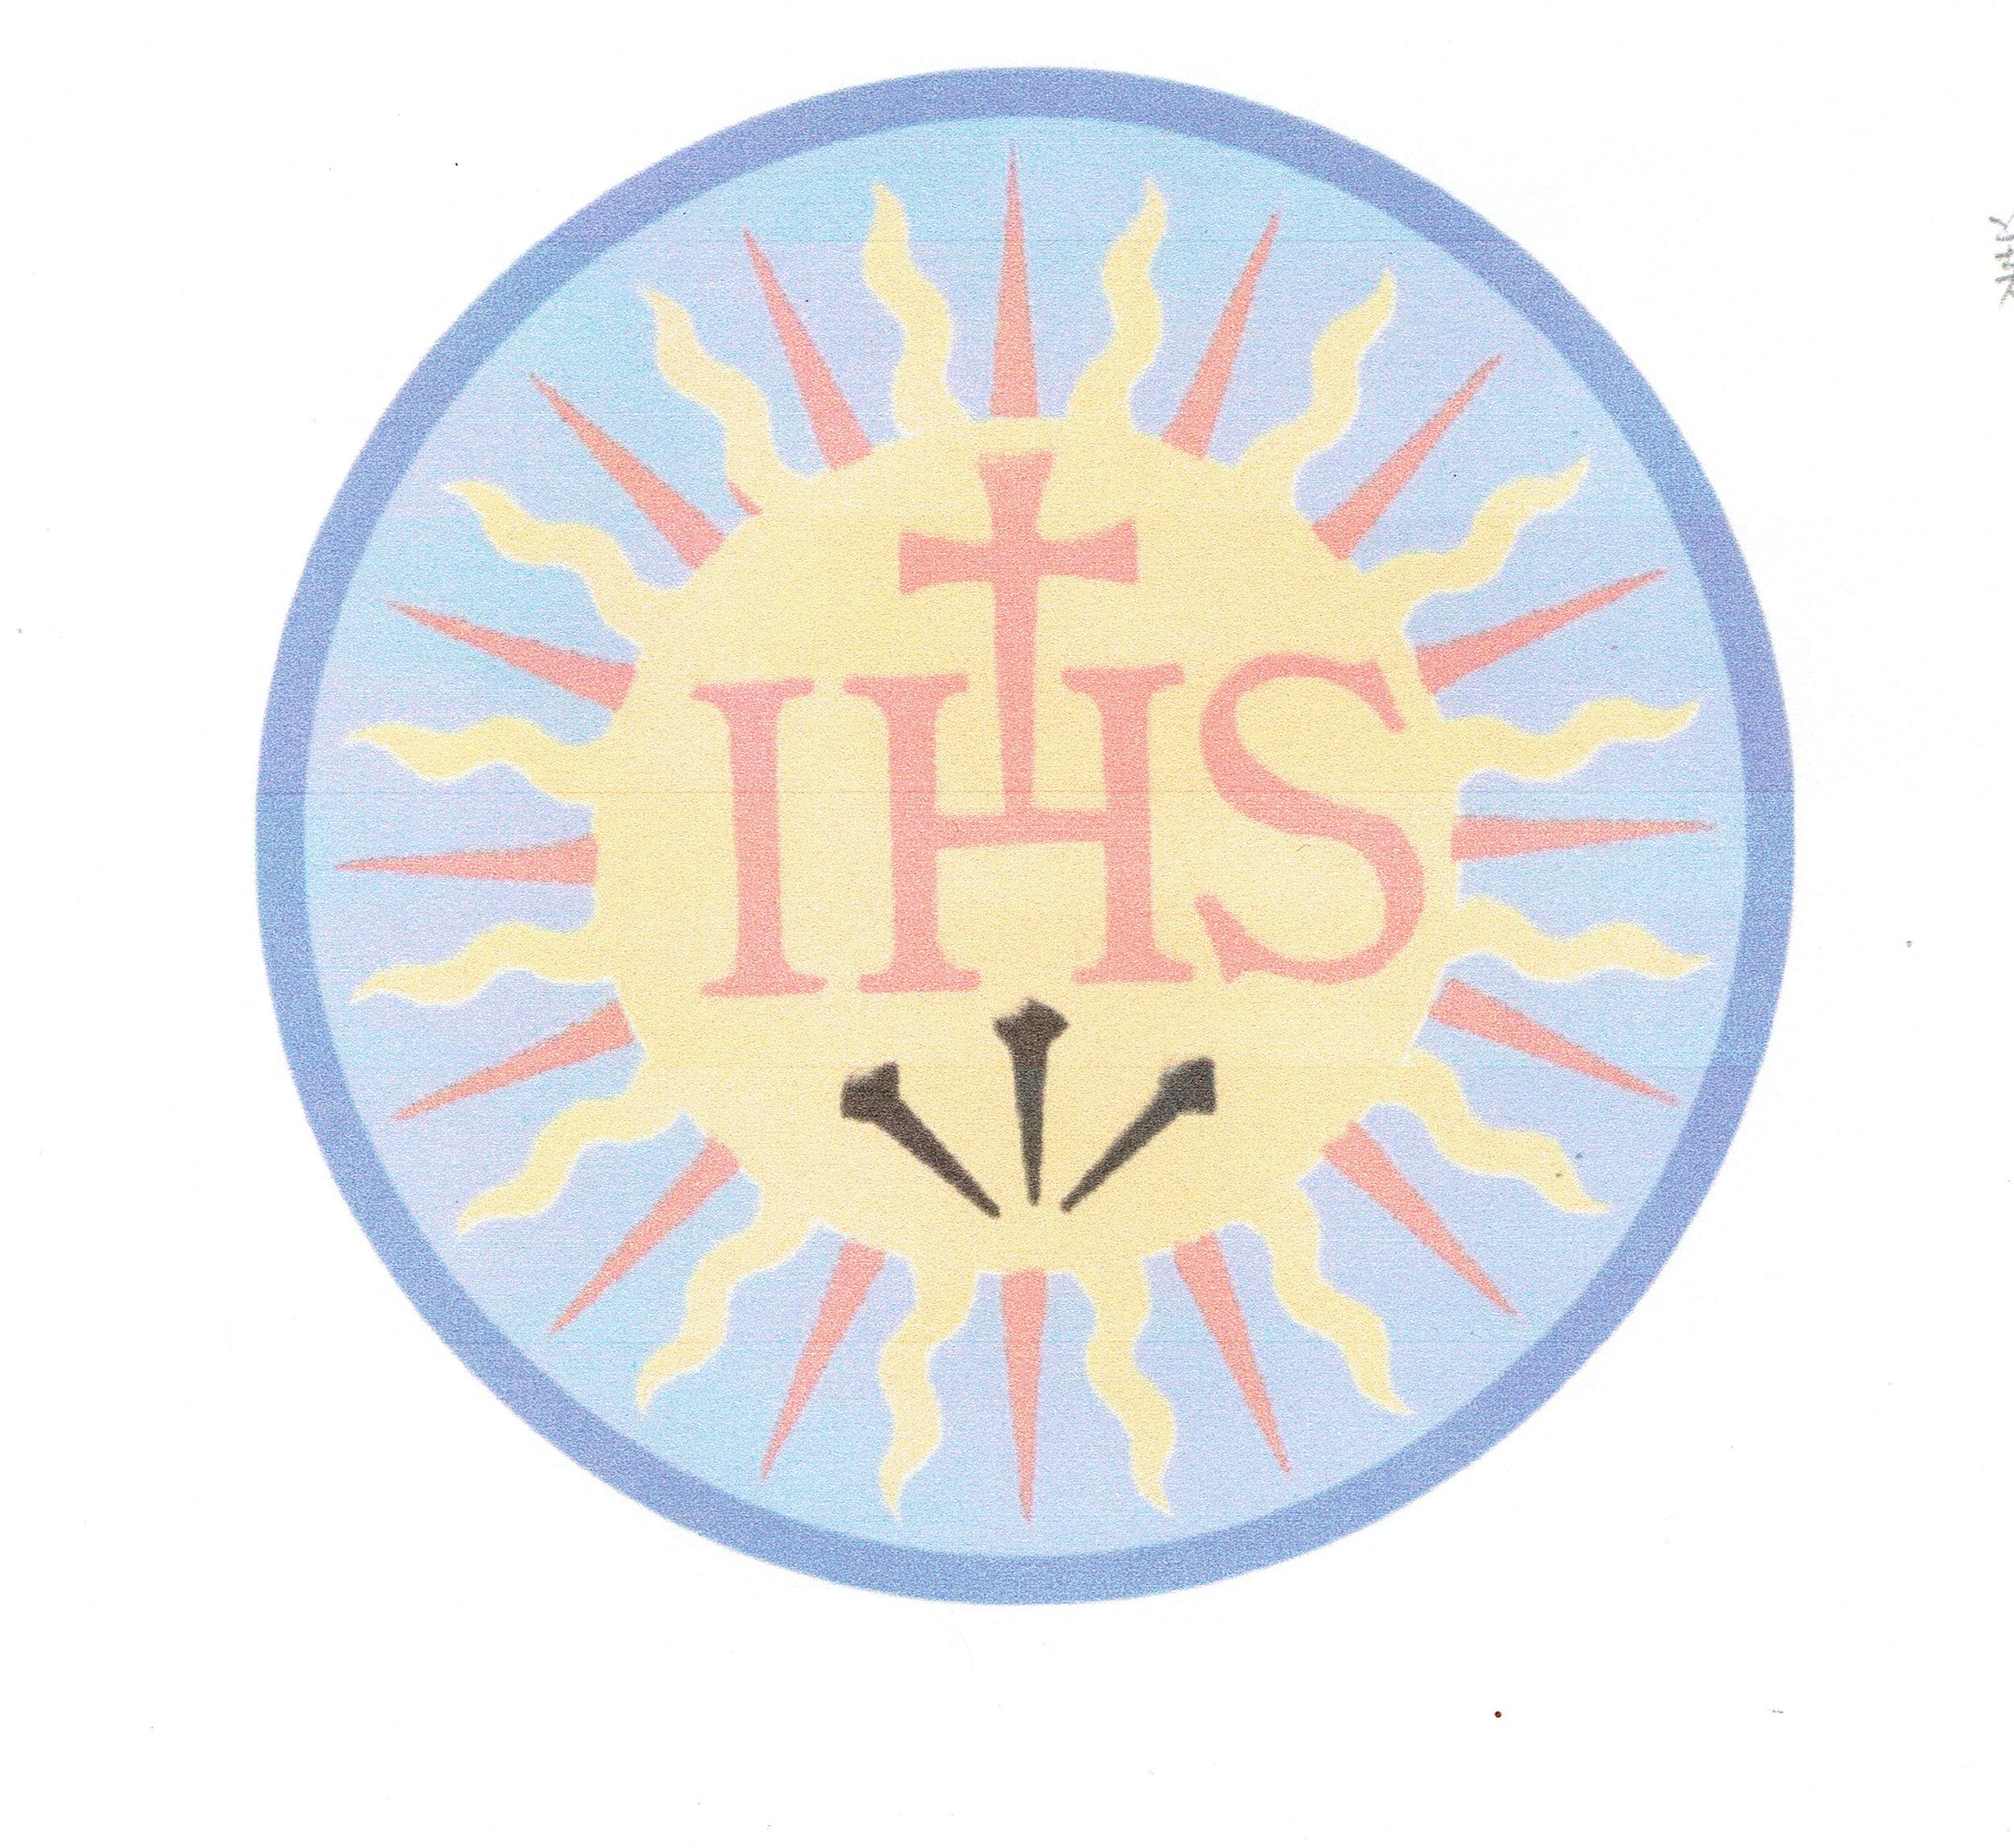 ihs emblem10062015.jpg